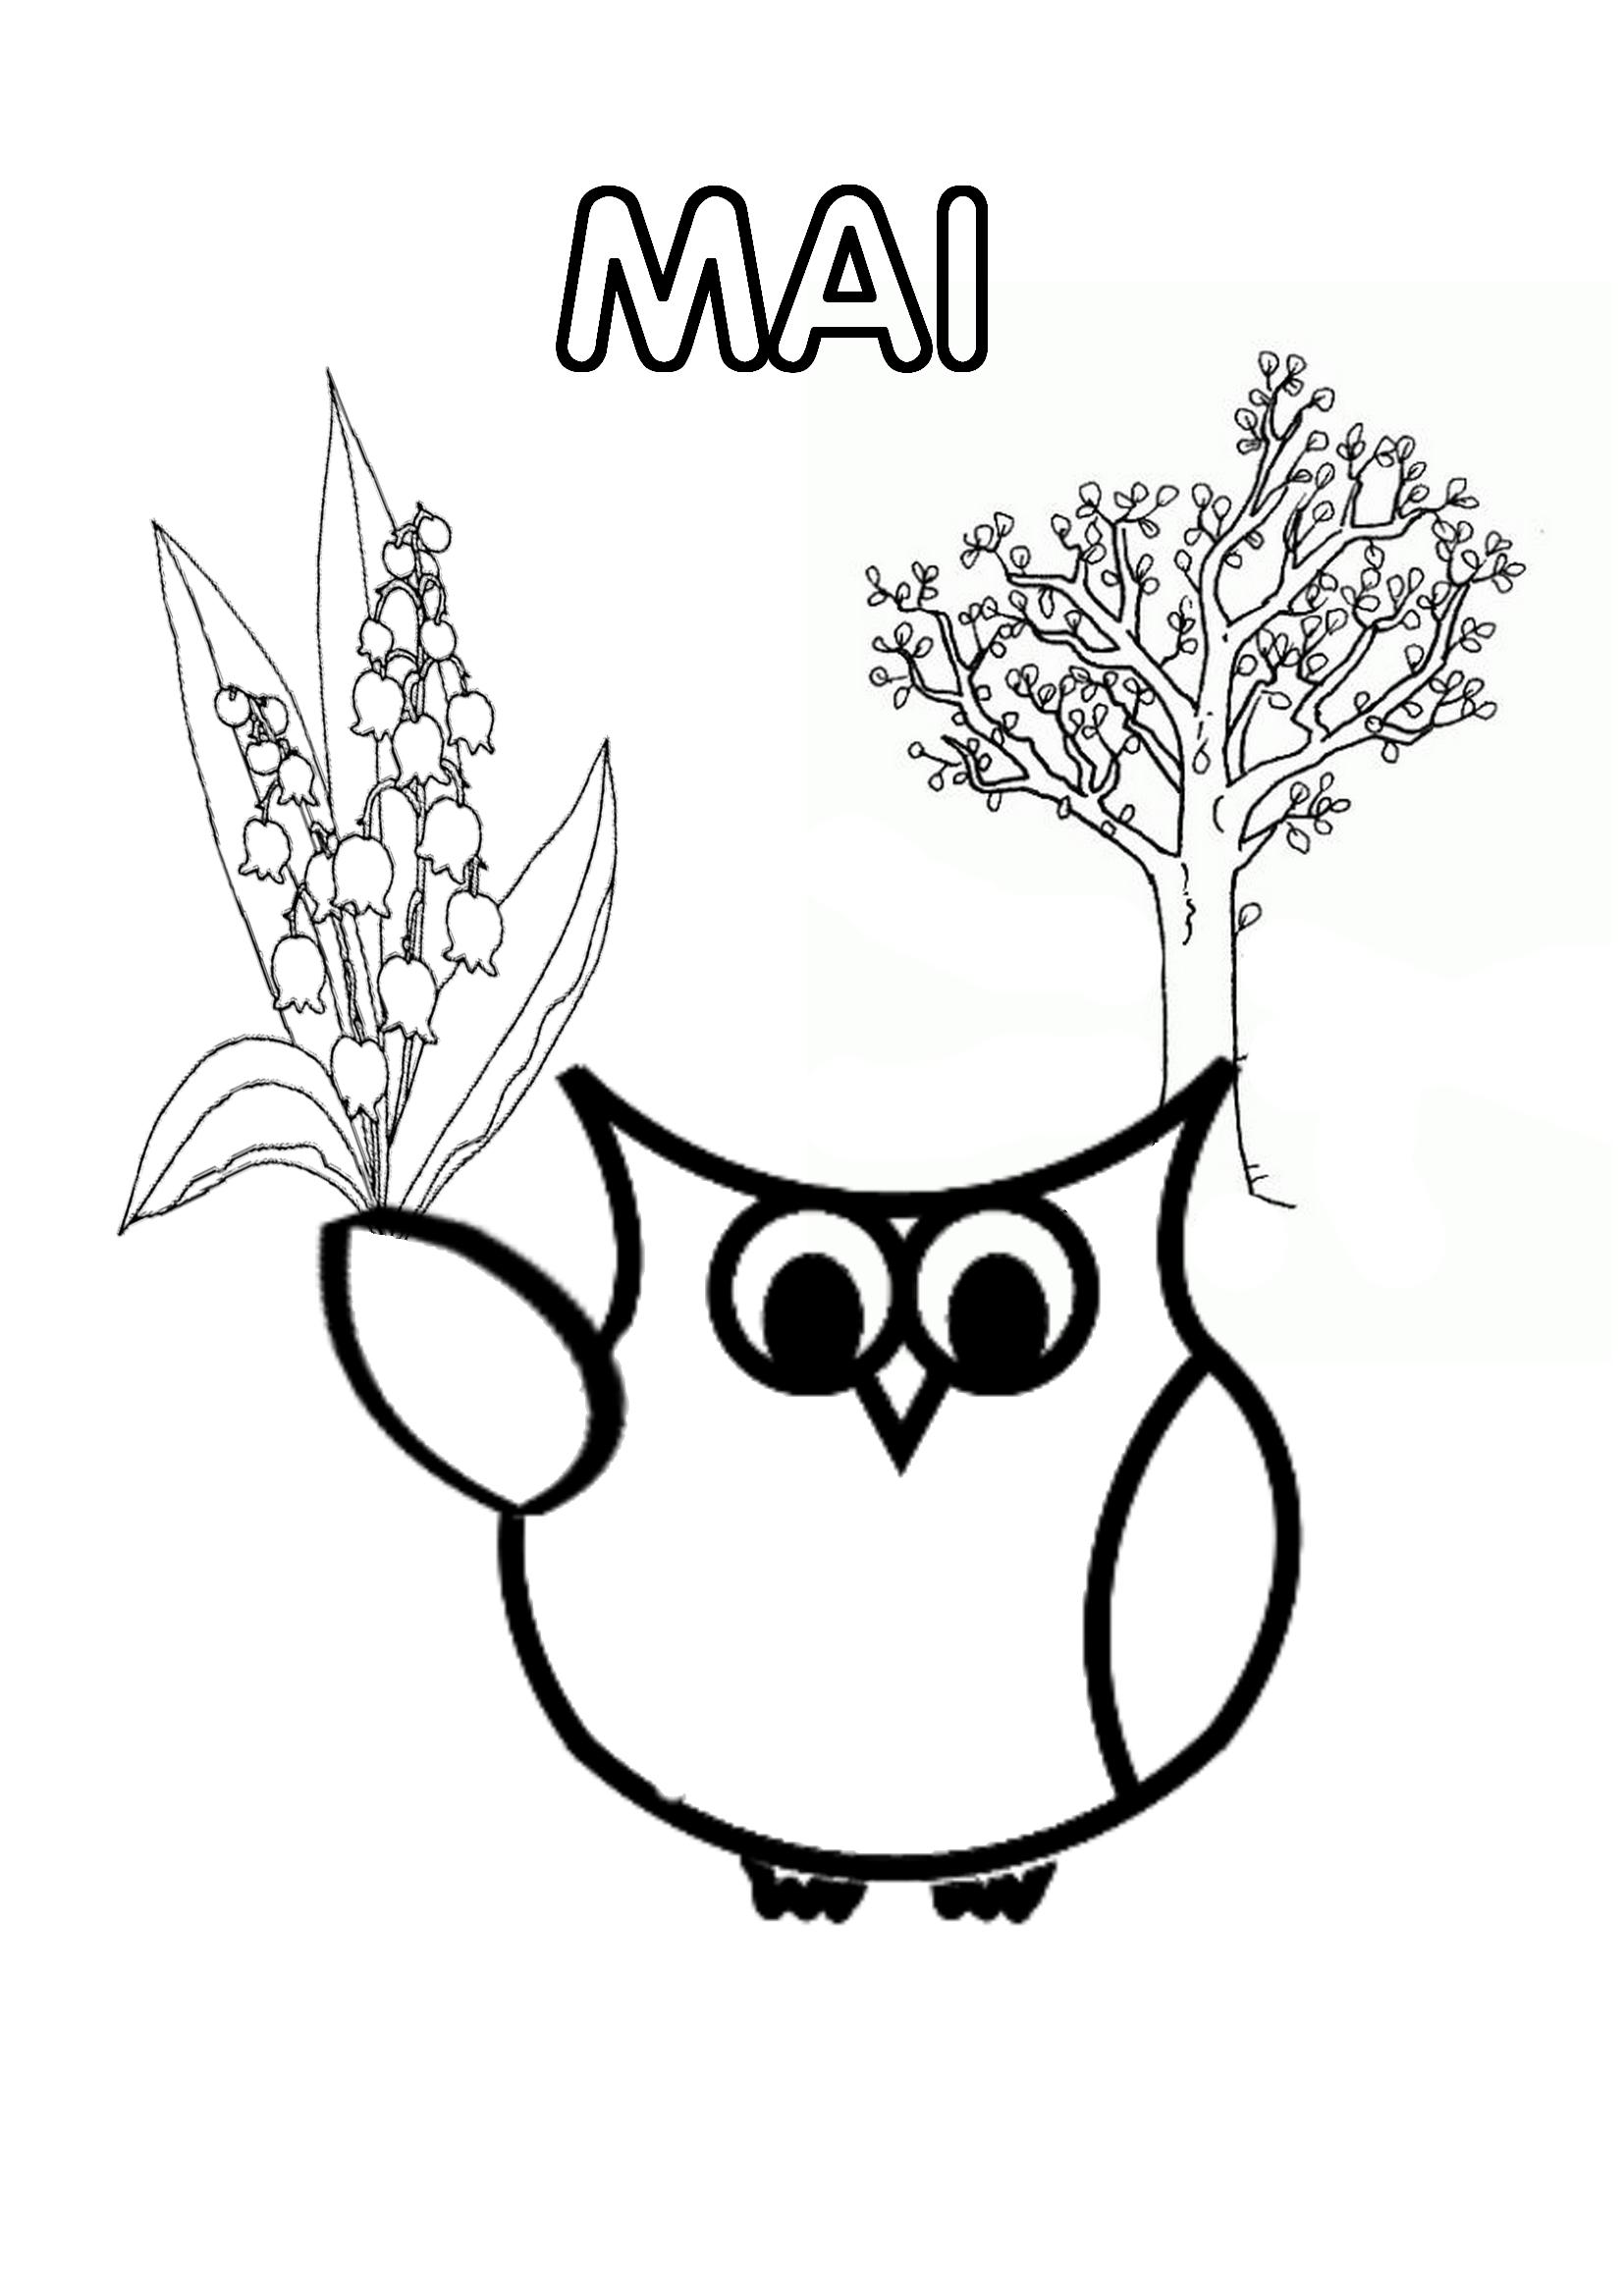 Mois De L'année - Page Du Cahier De Vie - La Classe De Jenny avec Mois À Colorier Maternelle